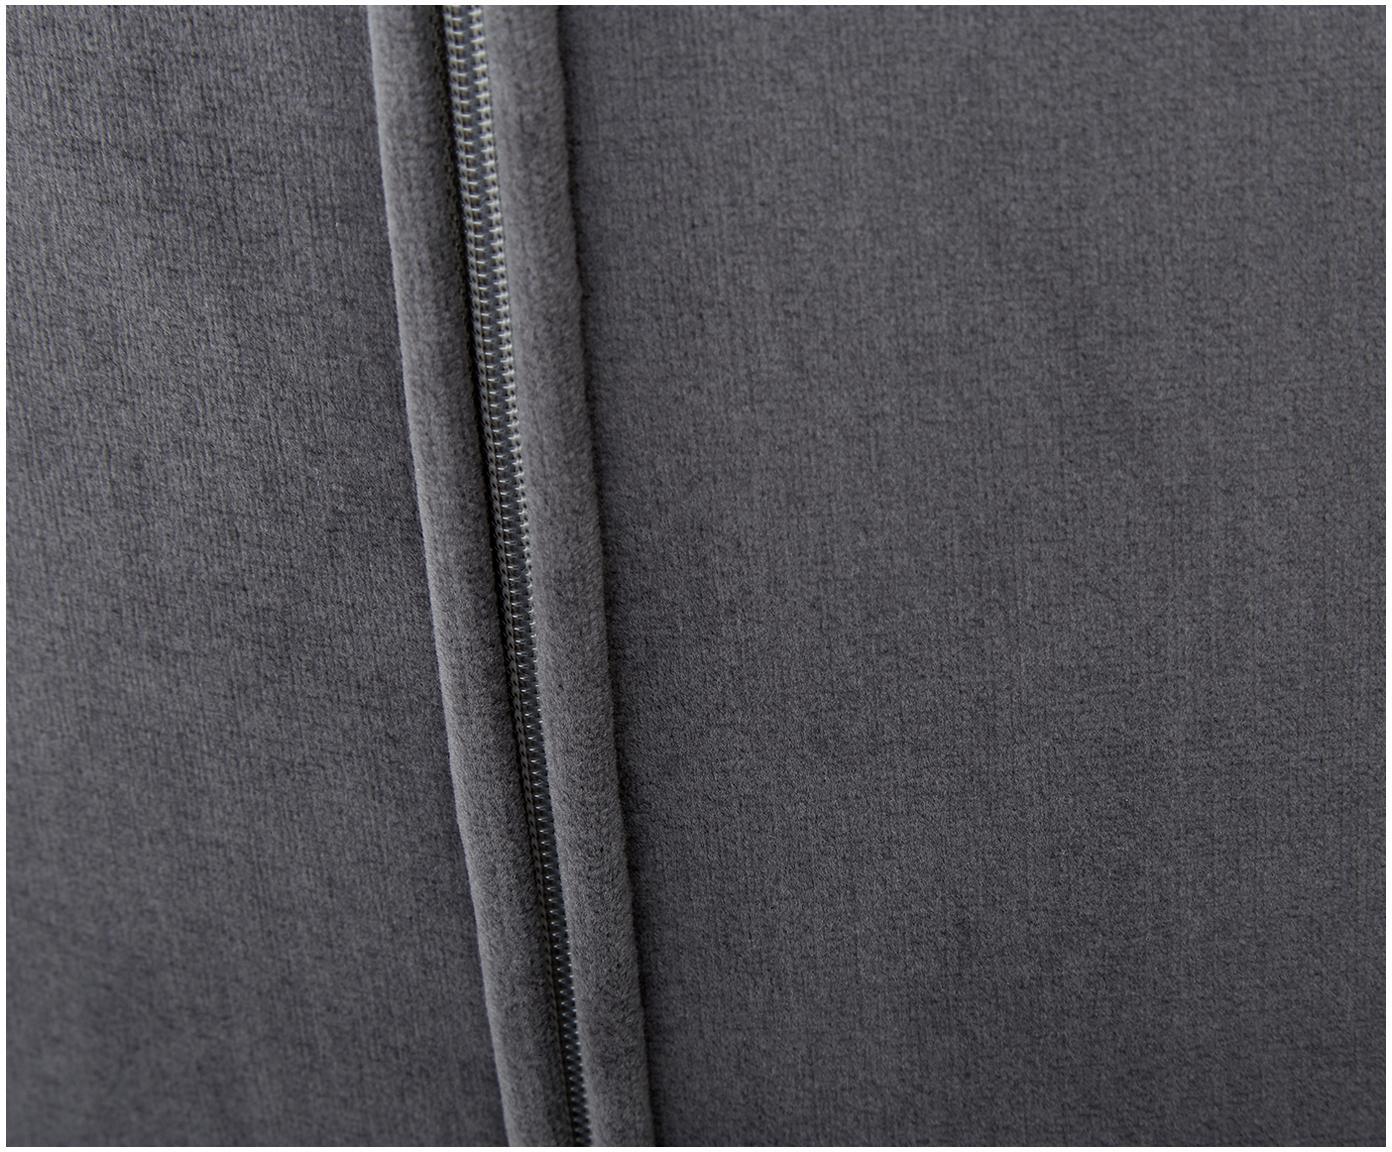 Samt-Polsterstuhl Tess, Bezug: Samt (Polyester) Der hoch, Beine: Metall, beschichtet, Samt Anthrazit, Beine Gold, B 48 x T 64 cm